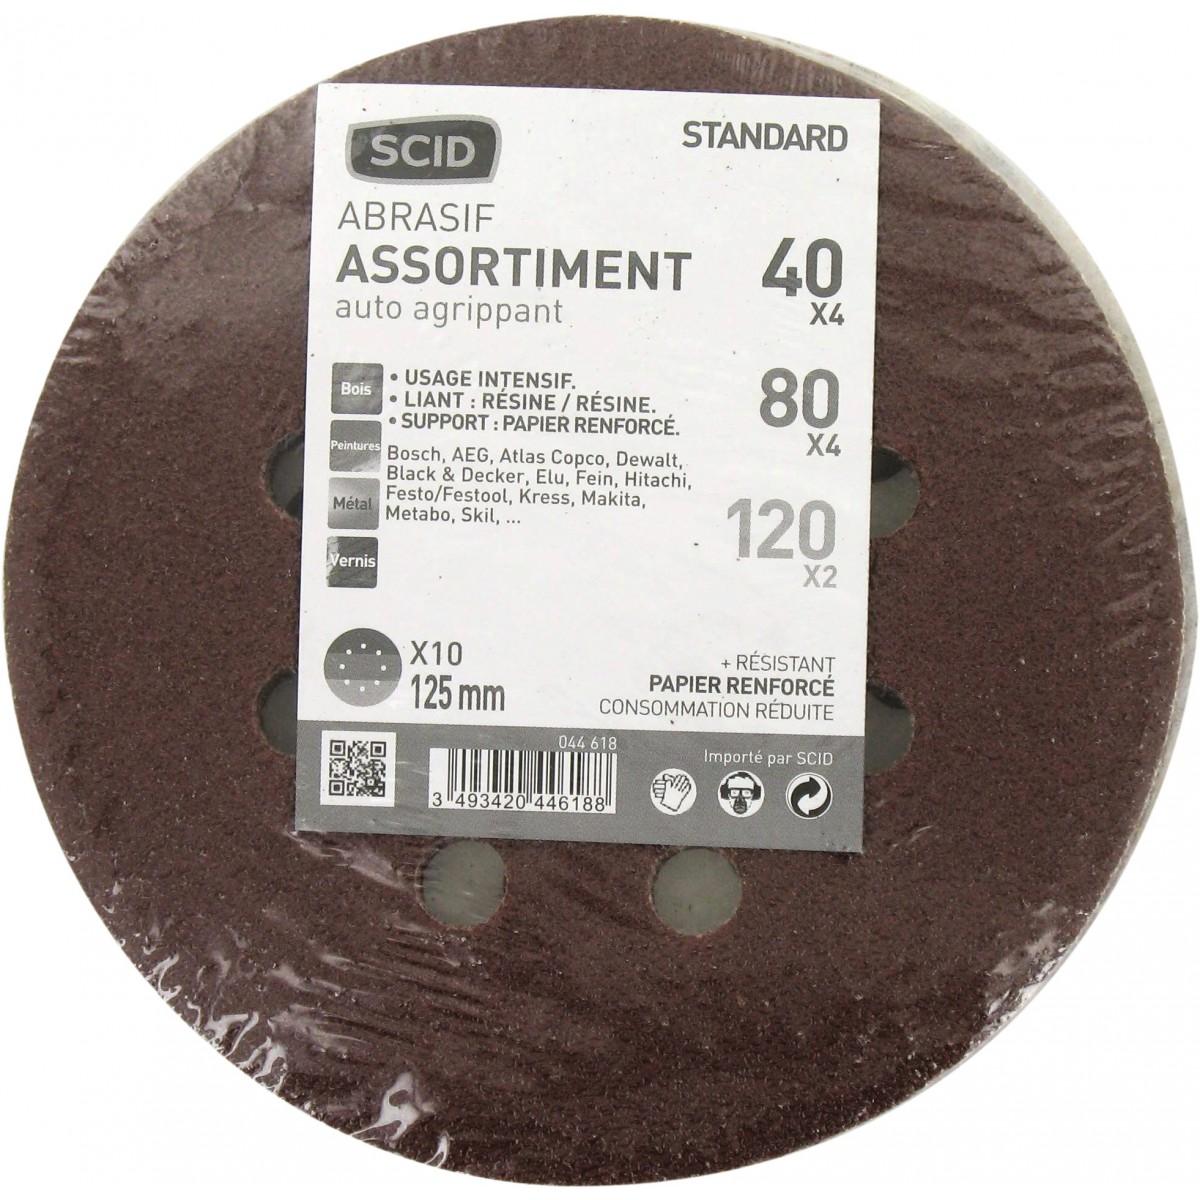 Disque auto-agrippant SCID - 8 trous - Grain 40, 80, 120 - Diamètre 125 mm - Vendu par 10